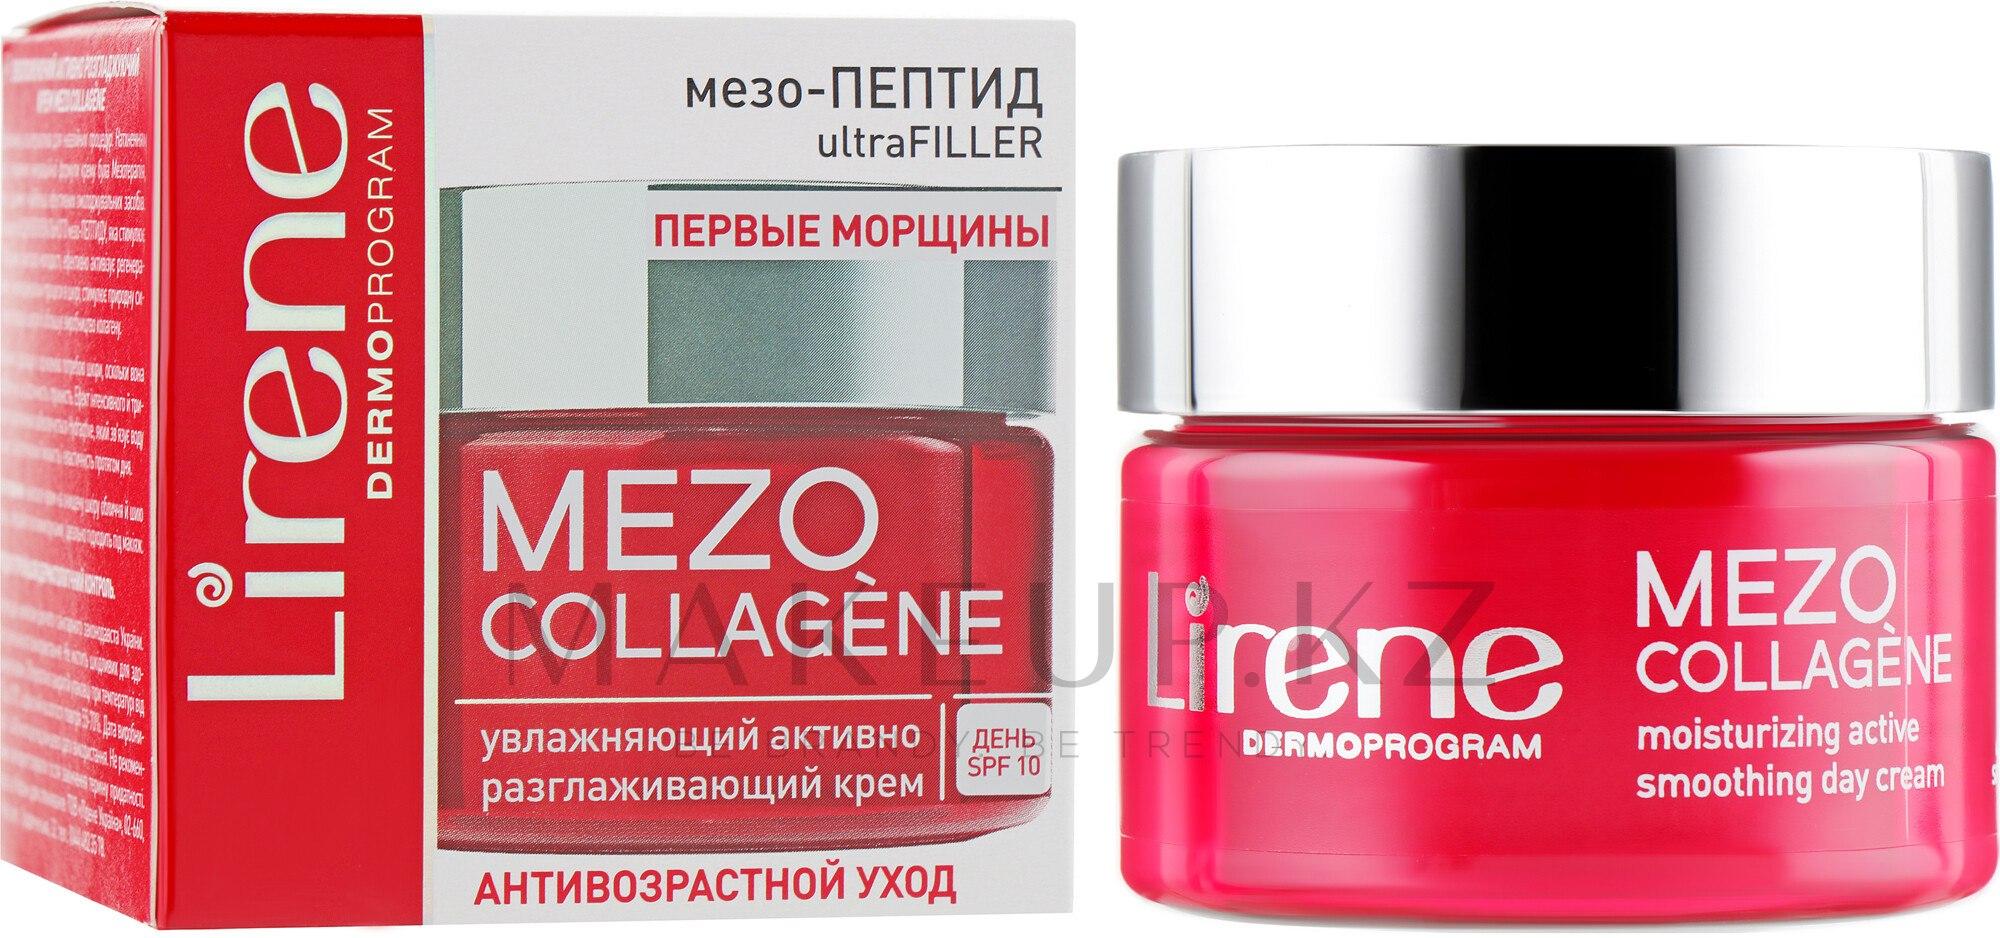 Lirene косметика купить украина косметика долива купить в москве